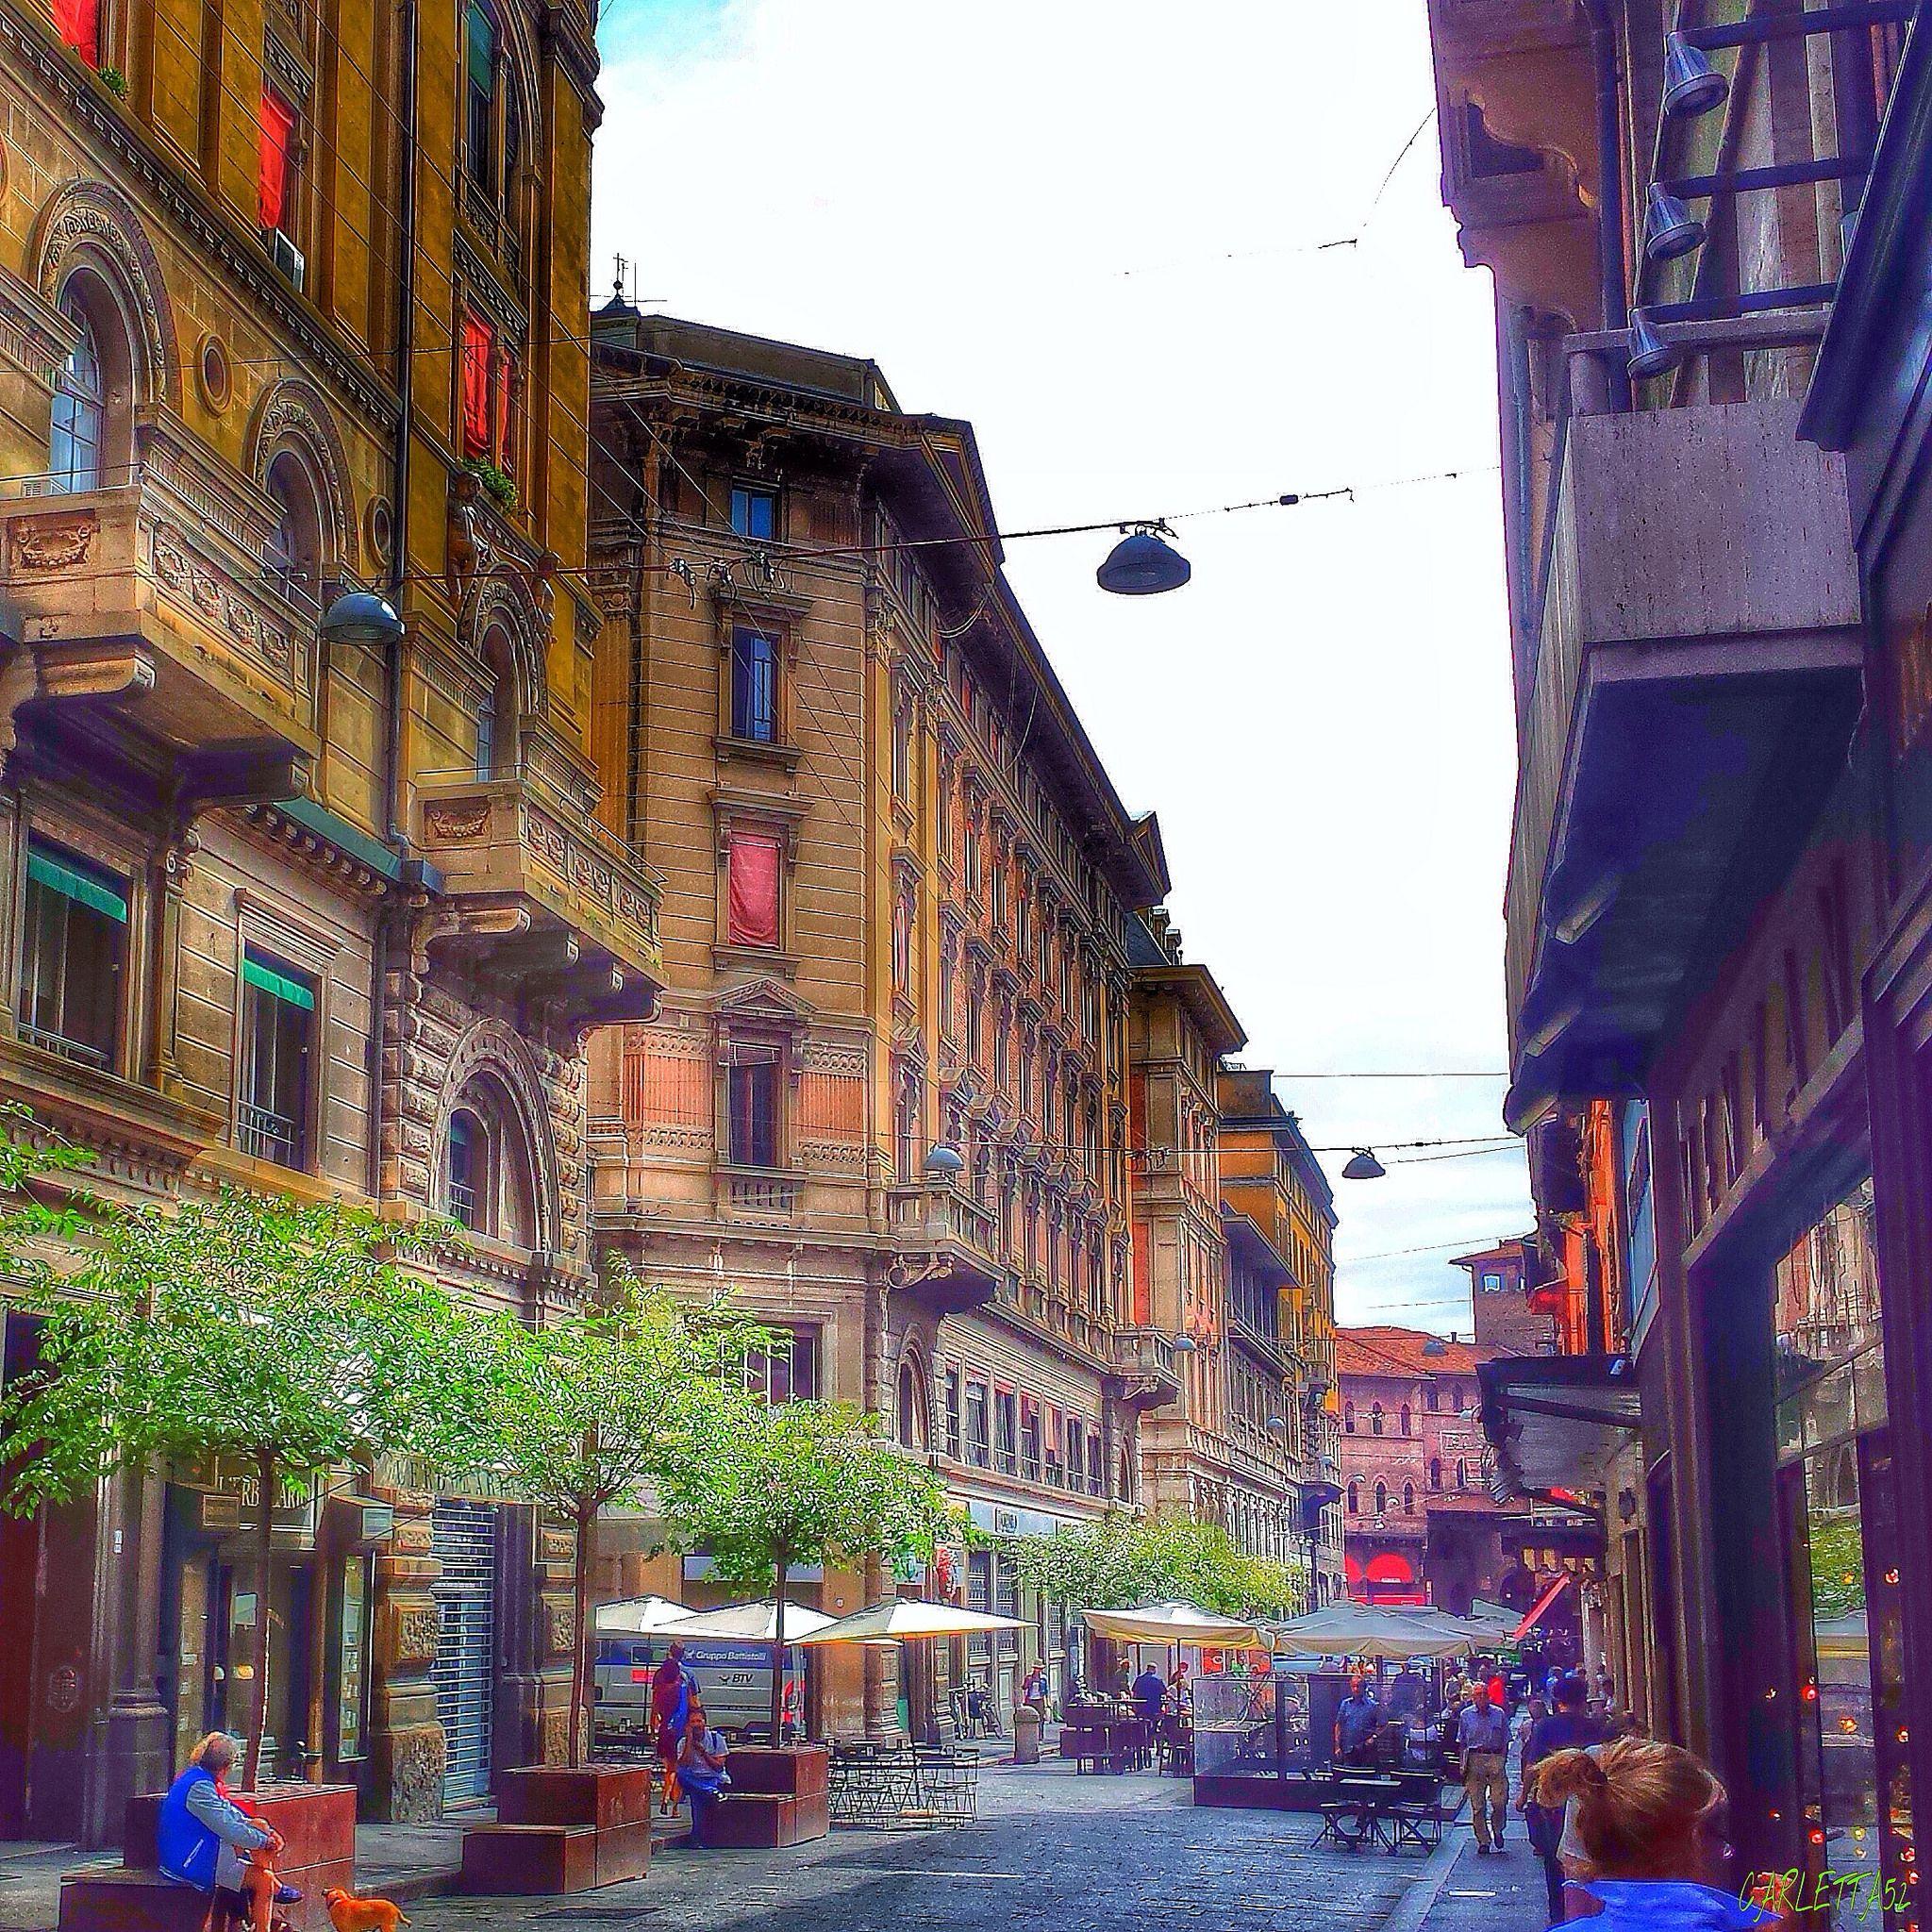 https://flic.kr/p/p4LuoD | Bologna, Italia...